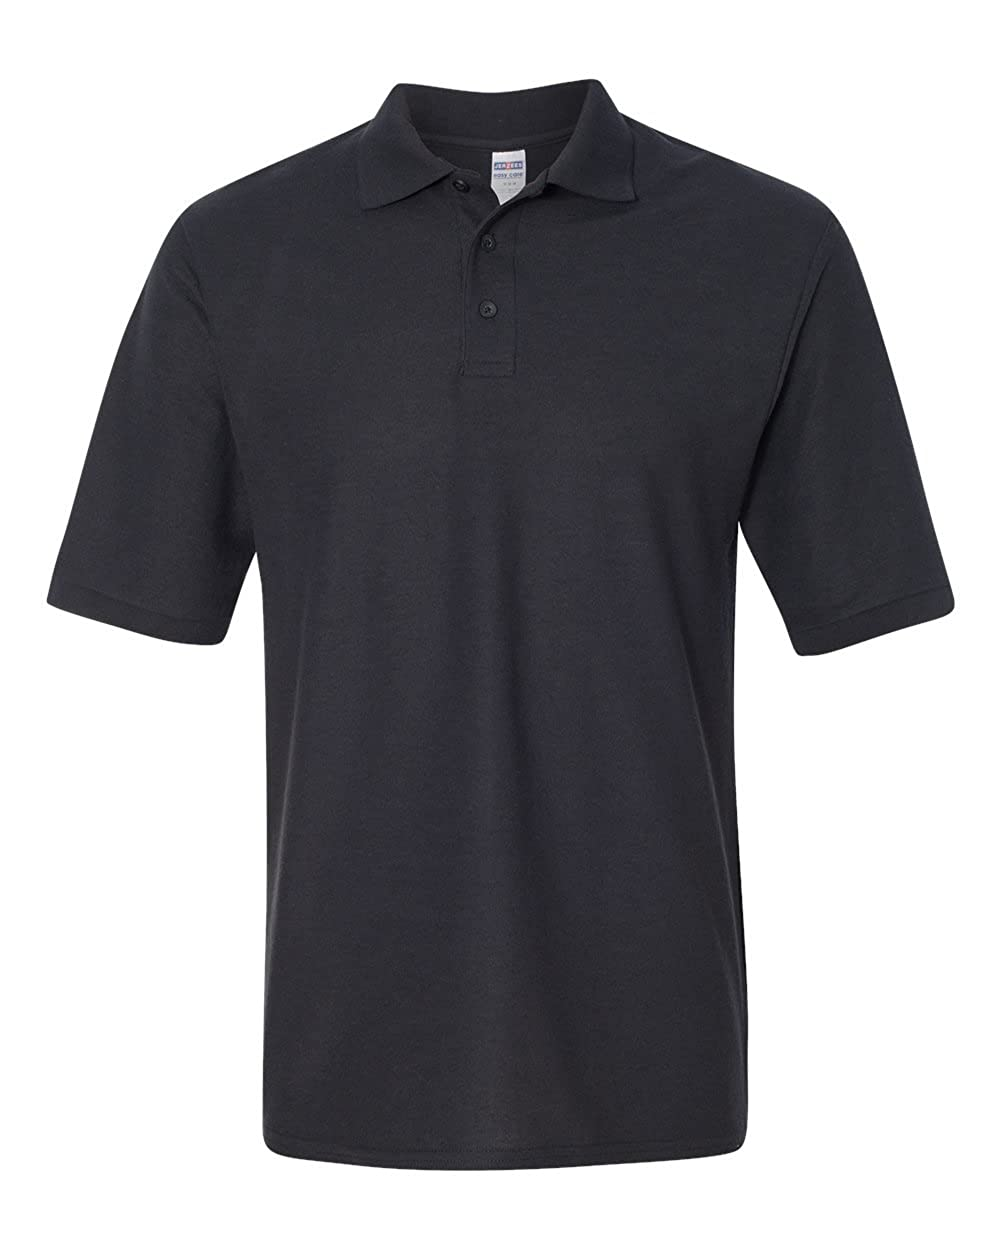 65//35 Easy-Care/™ Polo Jerzees Mens 5.3 oz